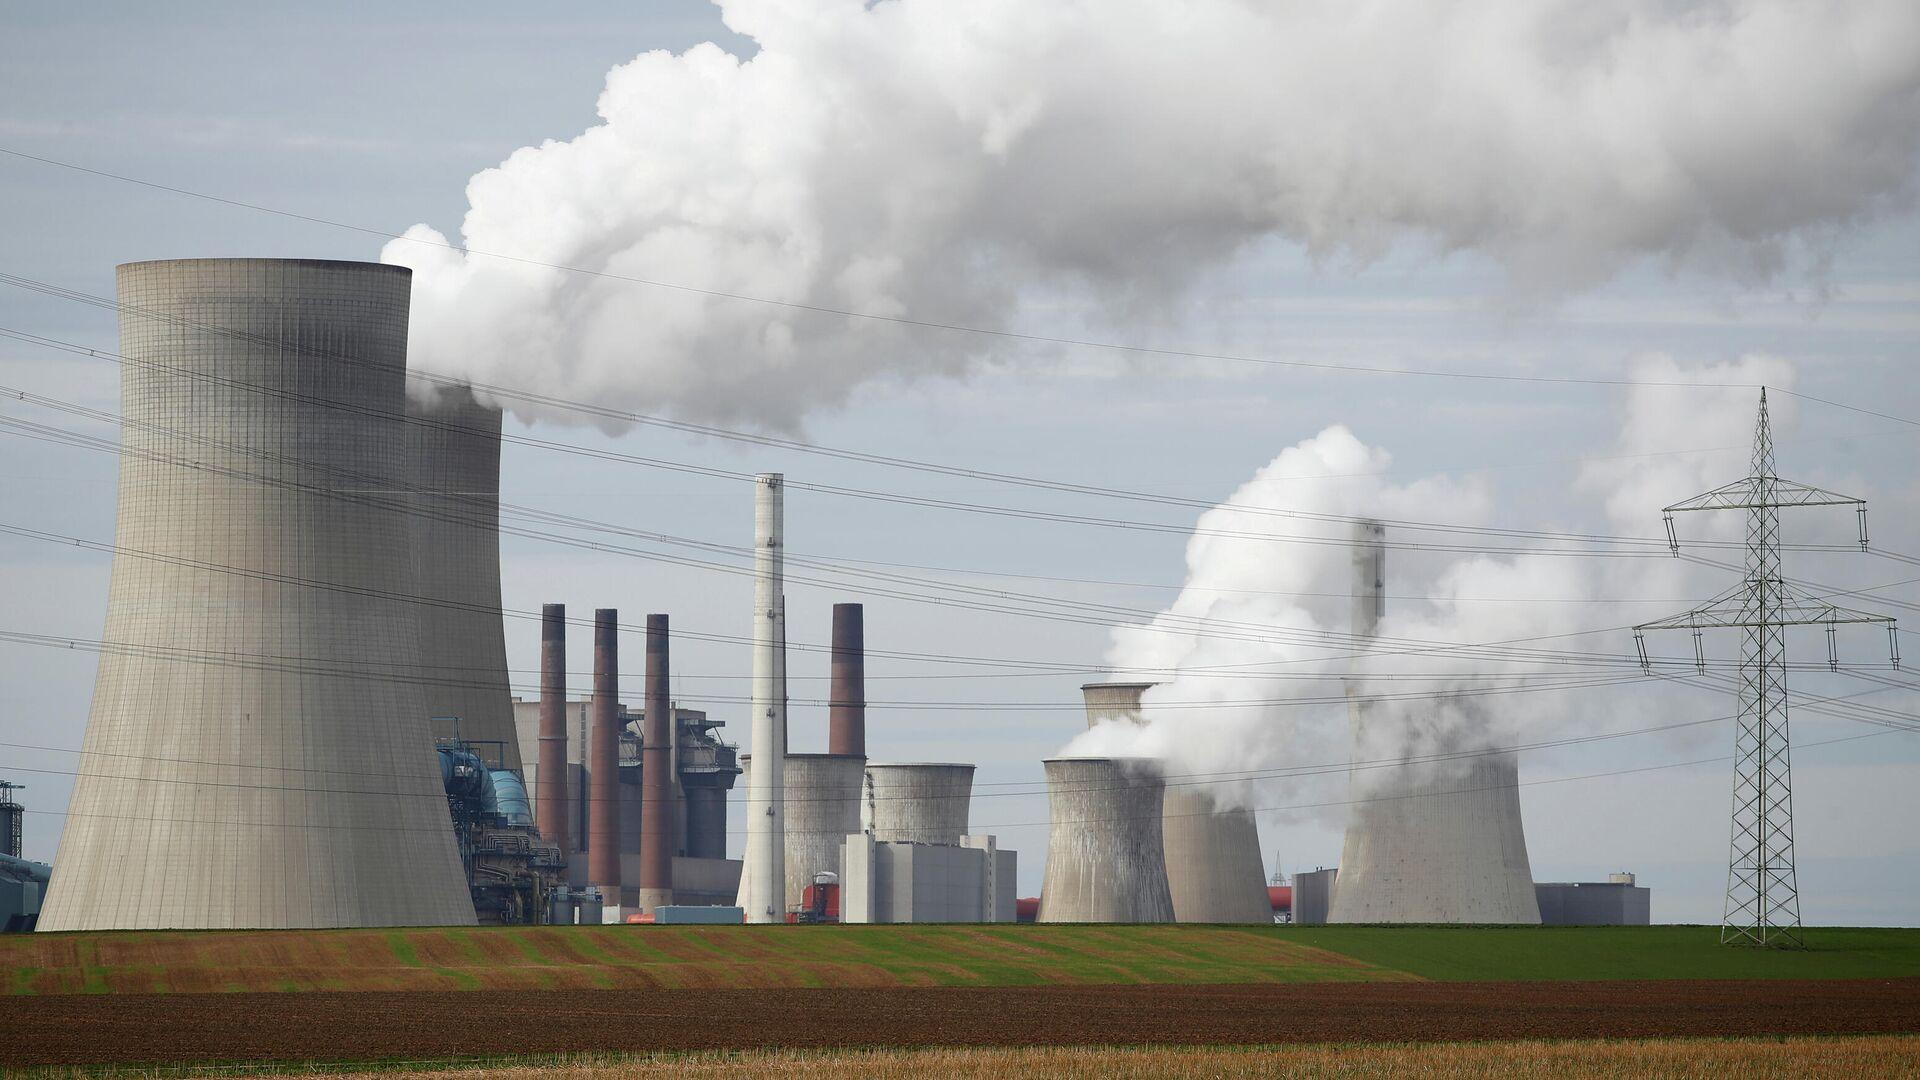 RWE-Kraftwerk in Neurath, Nordrhein-Westfalen  - SNA, 1920, 28.02.2021